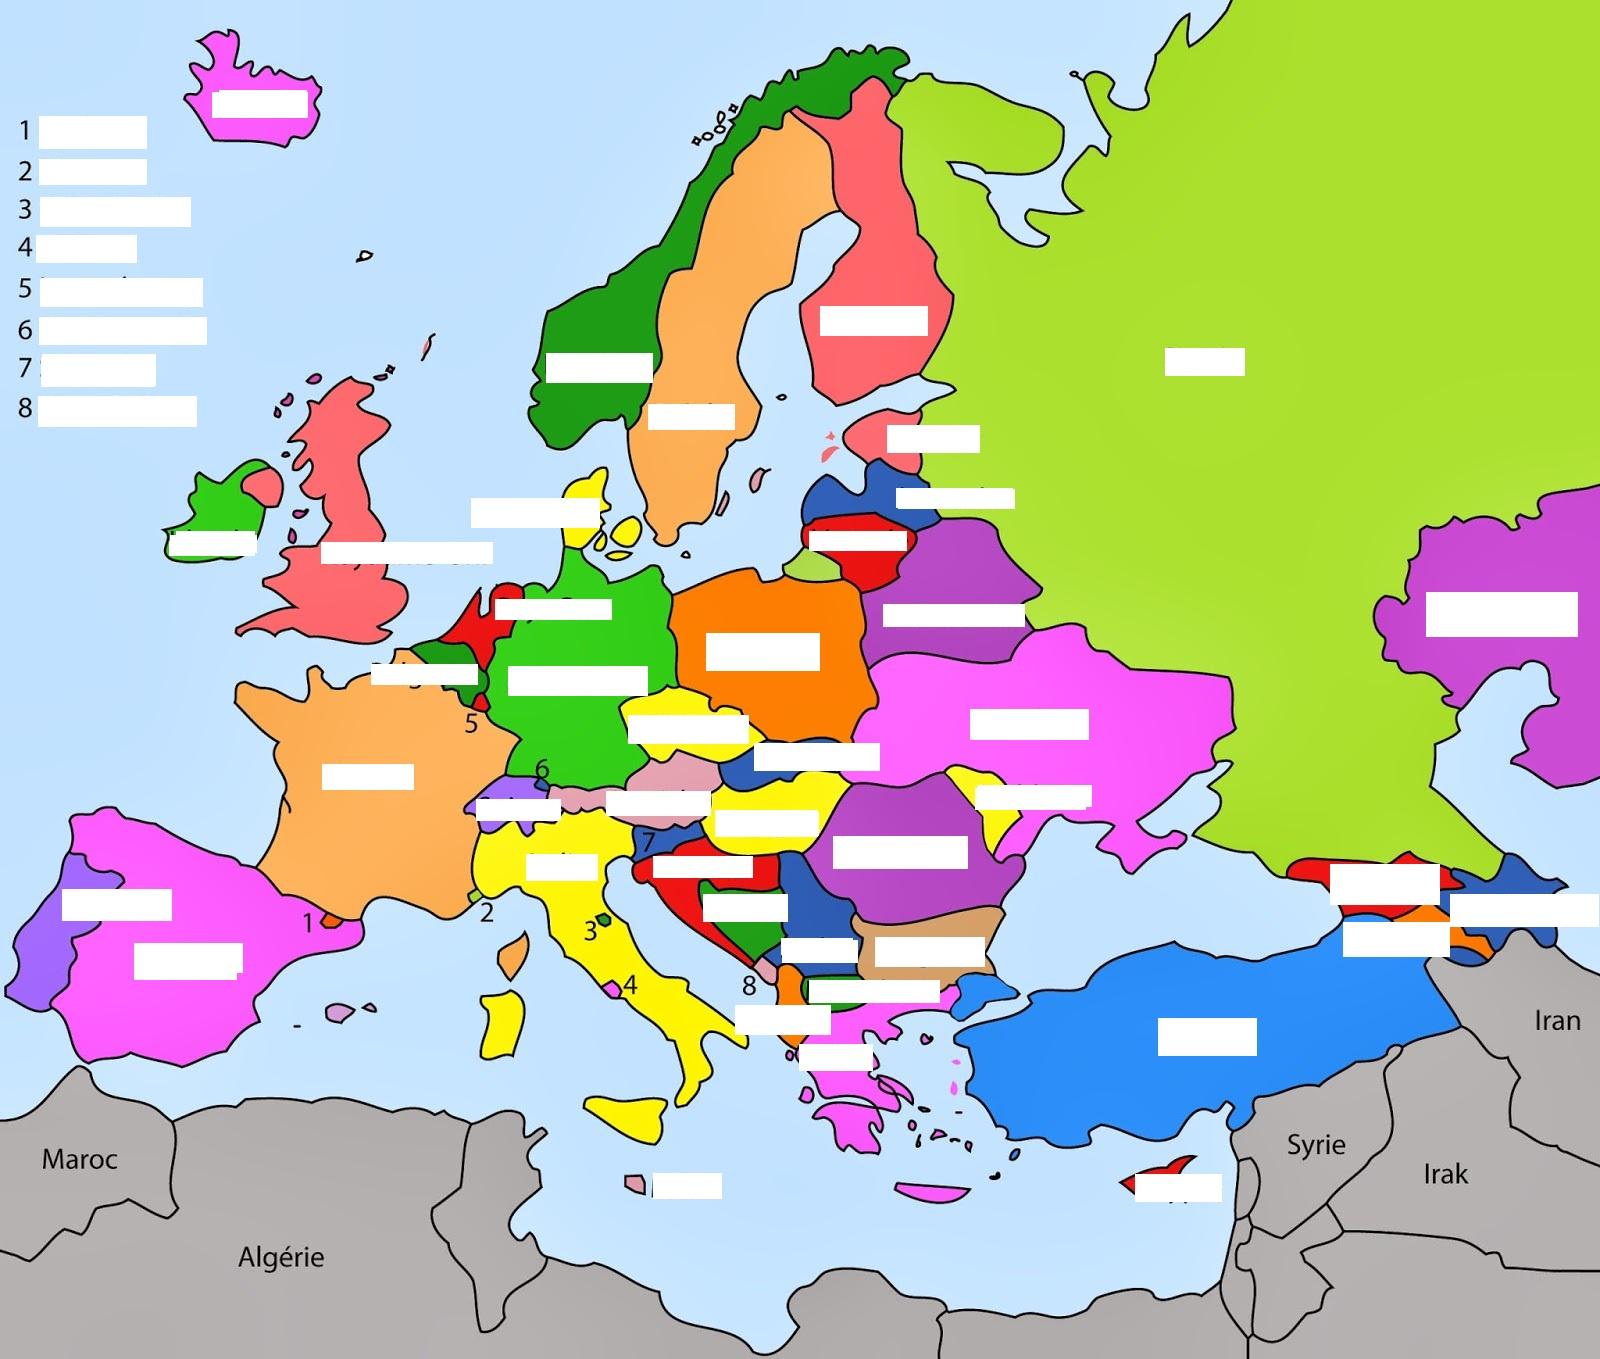 Les Pays De L'europe Et Leurs Capitales tout Les Capitales D Europe